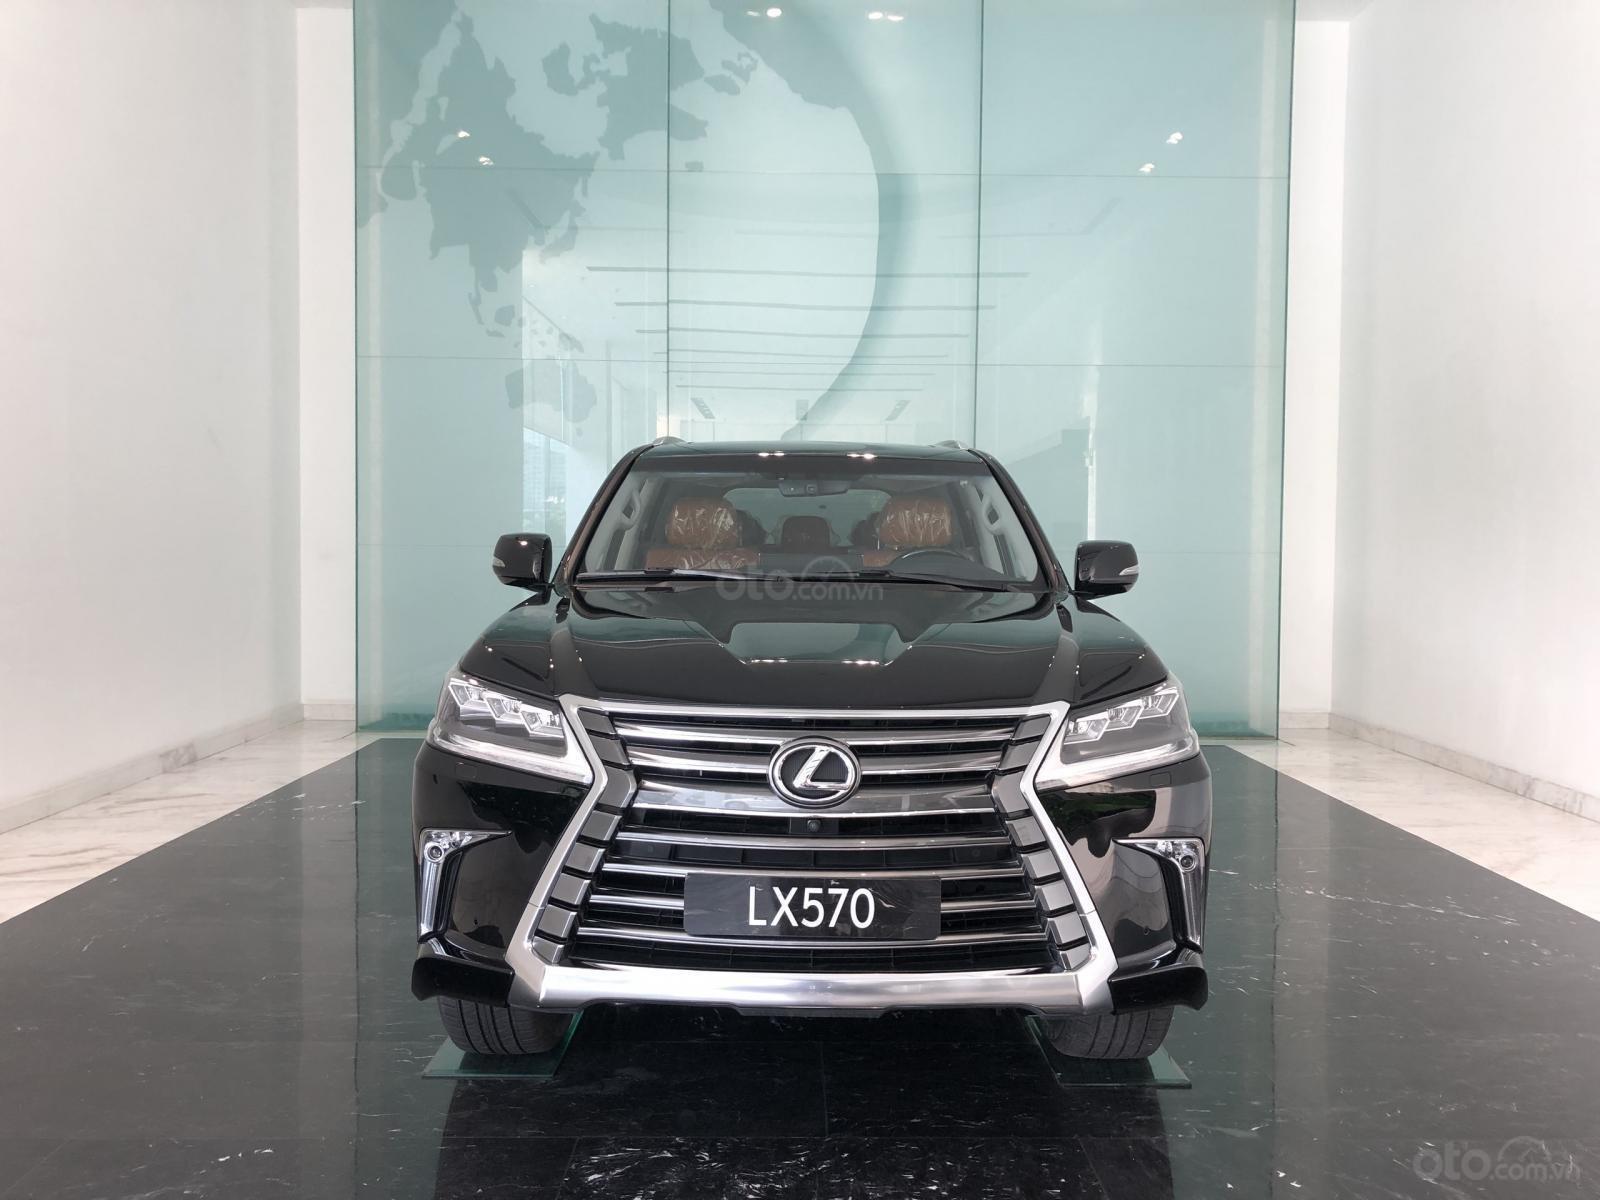 Lexus LX 570 2020 siêu ưu đãi - 0825157777 giao ngay (1)